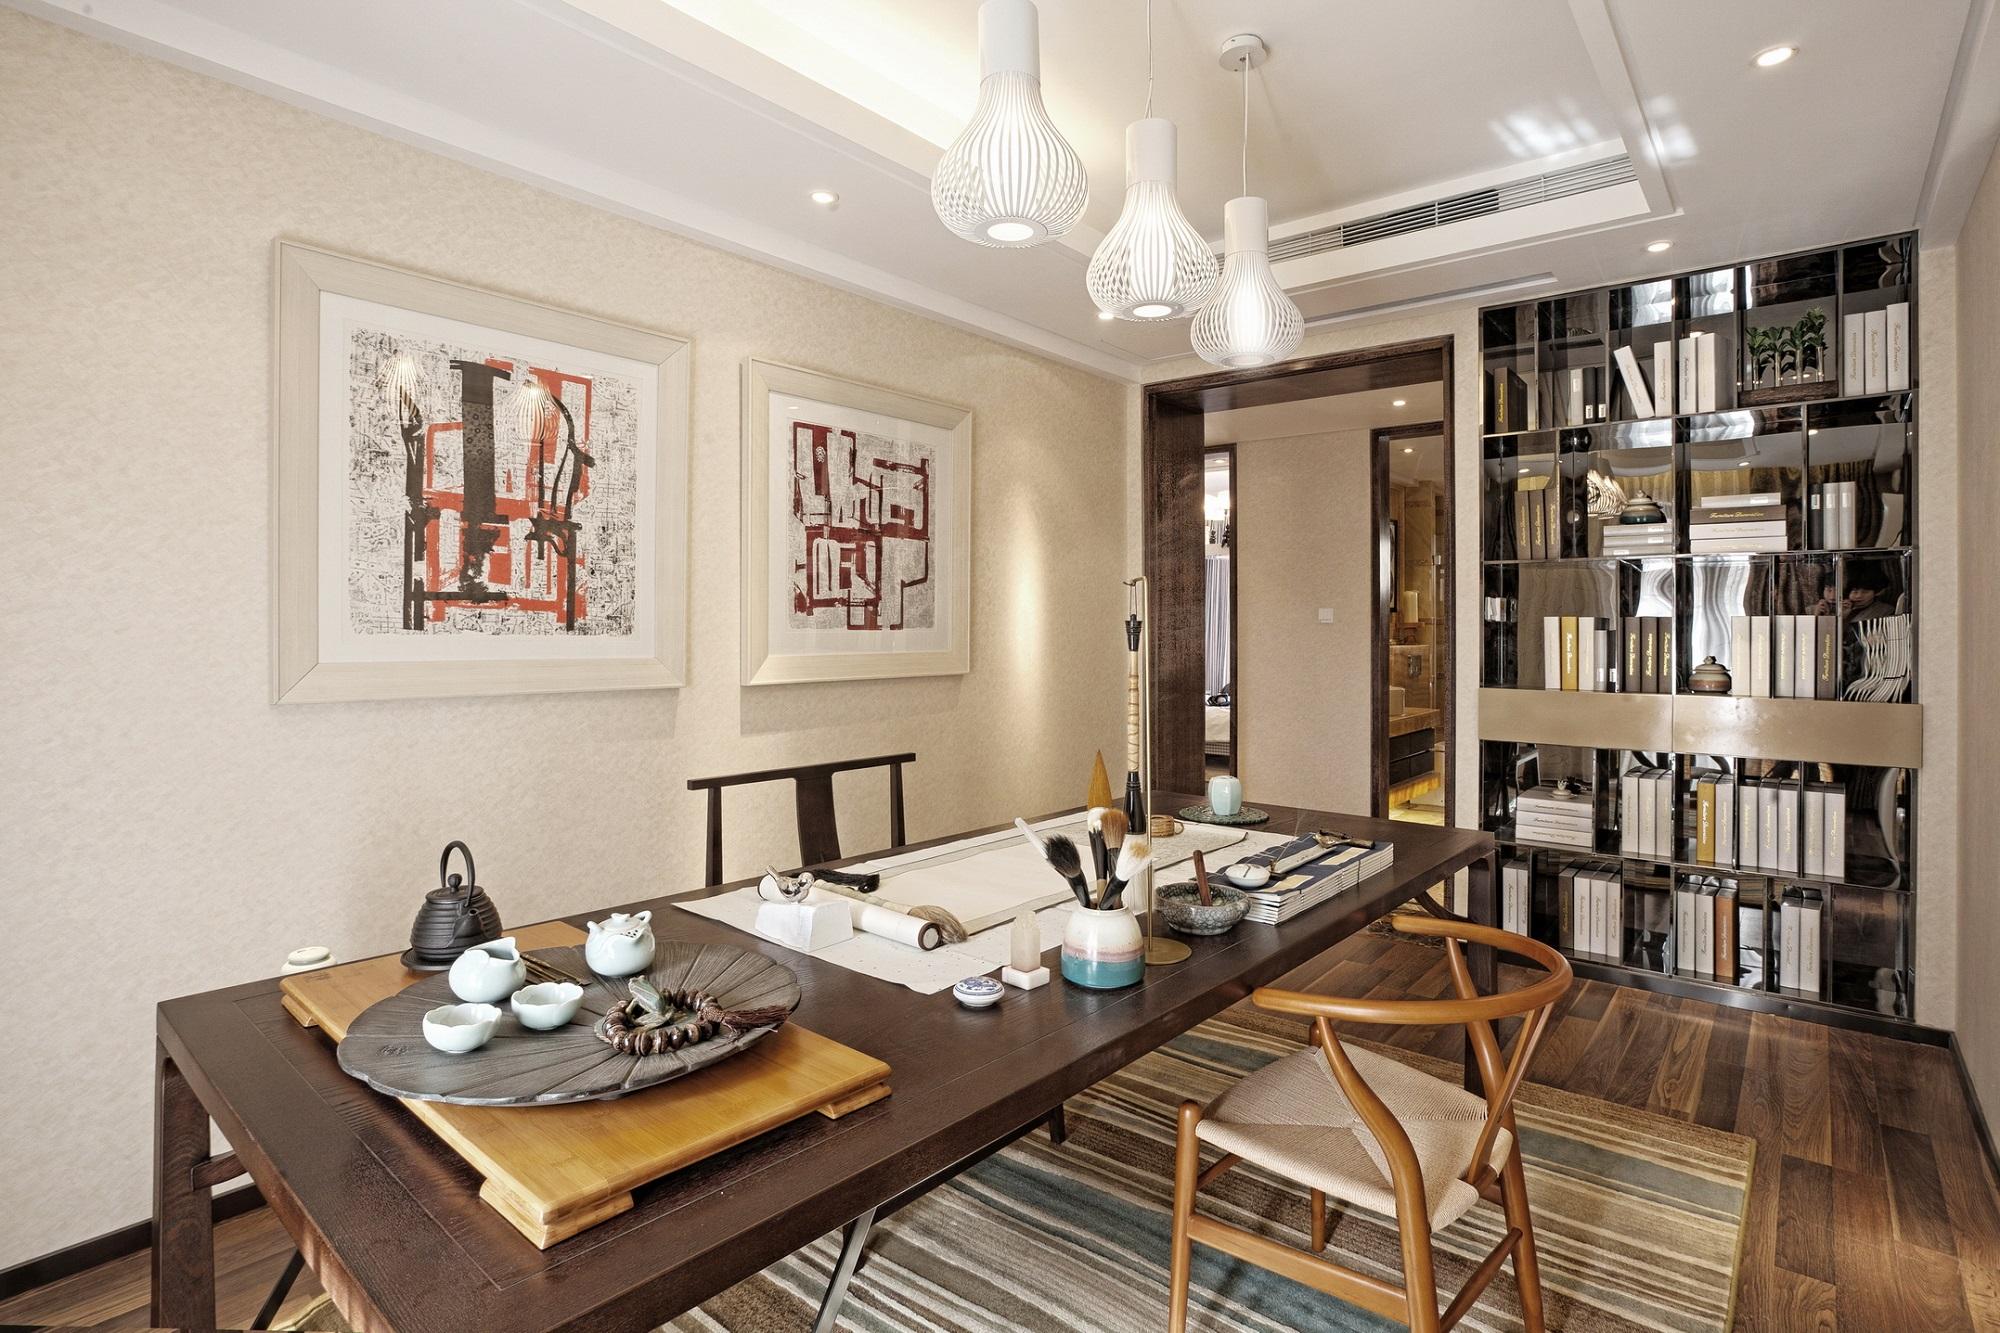 文房四宝,茶有余香,书房的设置分寸又极其丰富地传达着家居主人的内心。